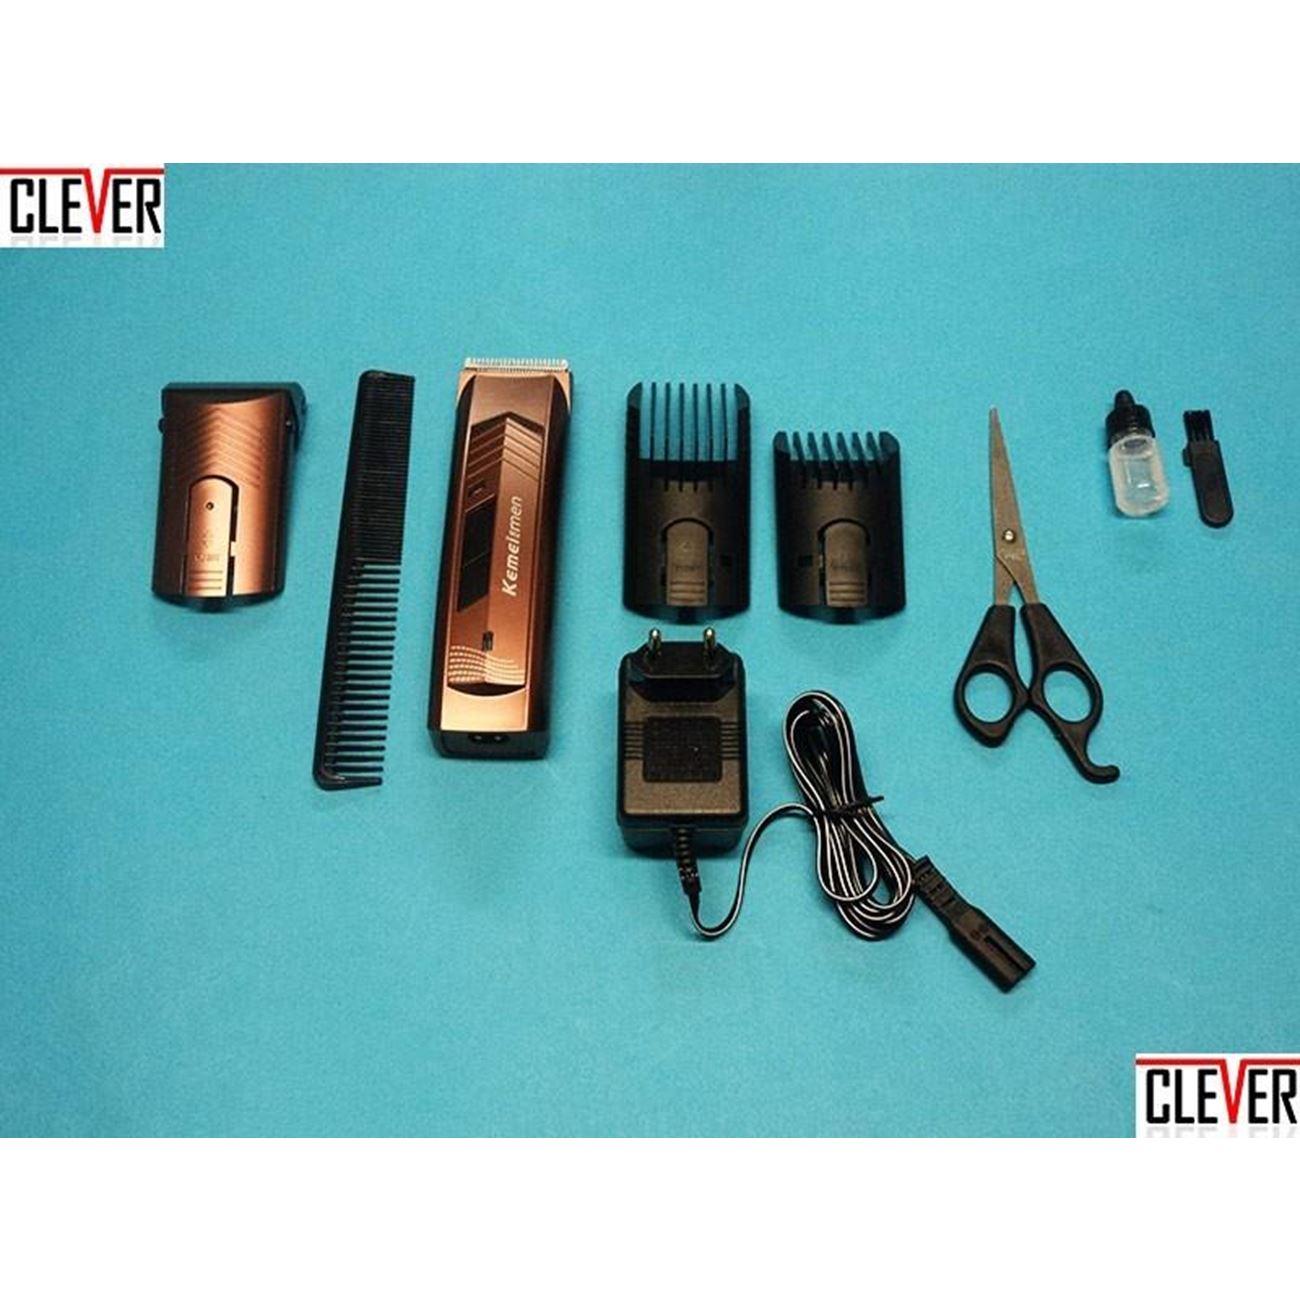 Επαναφορτιζόμενη κουρευτική - ξυριστική μηχανή - σετ περιποίησης για τον  άνδρα   Κουρευτικές μηχανές  146f4311aee